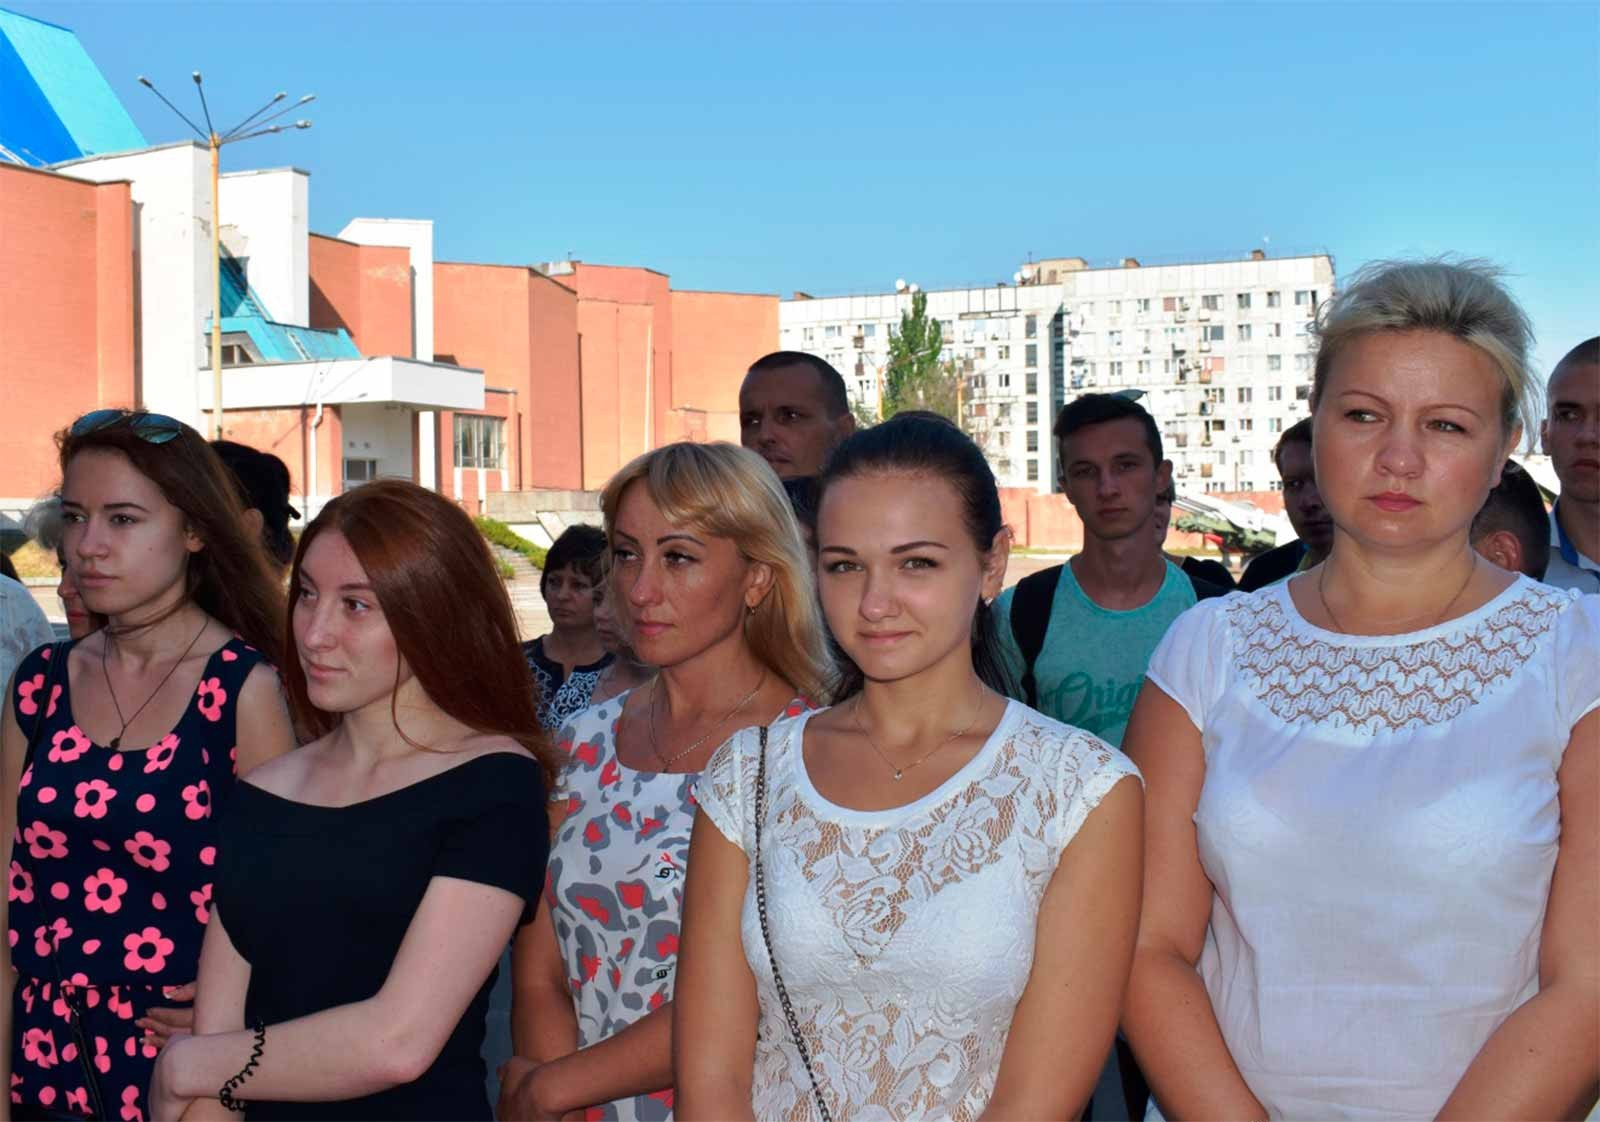 Дніпропетровський державний університет внутрішніх справ гостинно прийняв майбутніх юристів